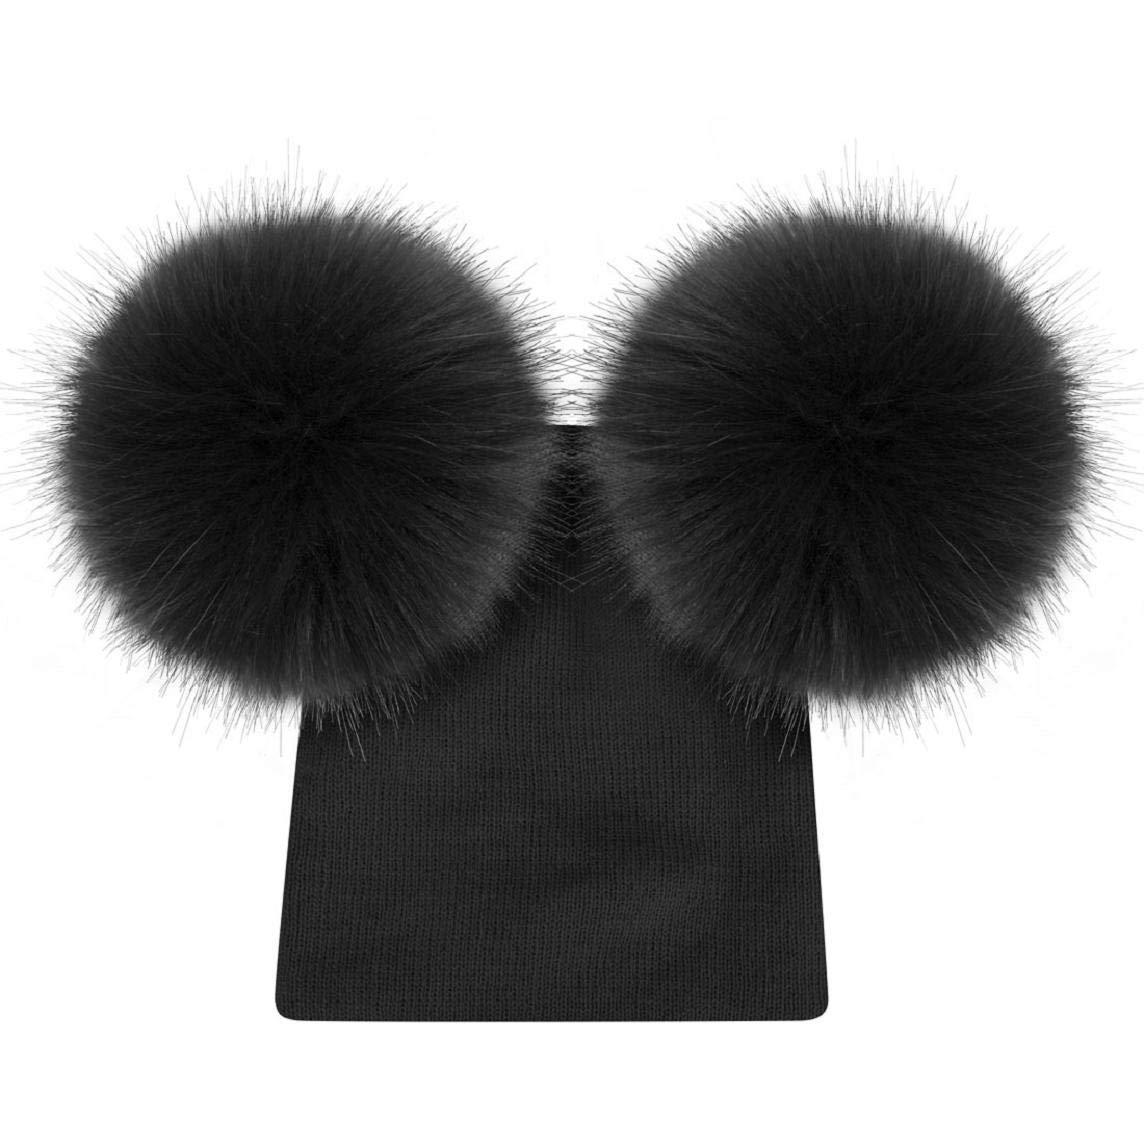 heekpek Lovely Baby Winter Hat Girls Boys Fur Pom Pom Hats Cute Knitted Hemming Cap Beanie Hat Unisex Warm Cap for Girl